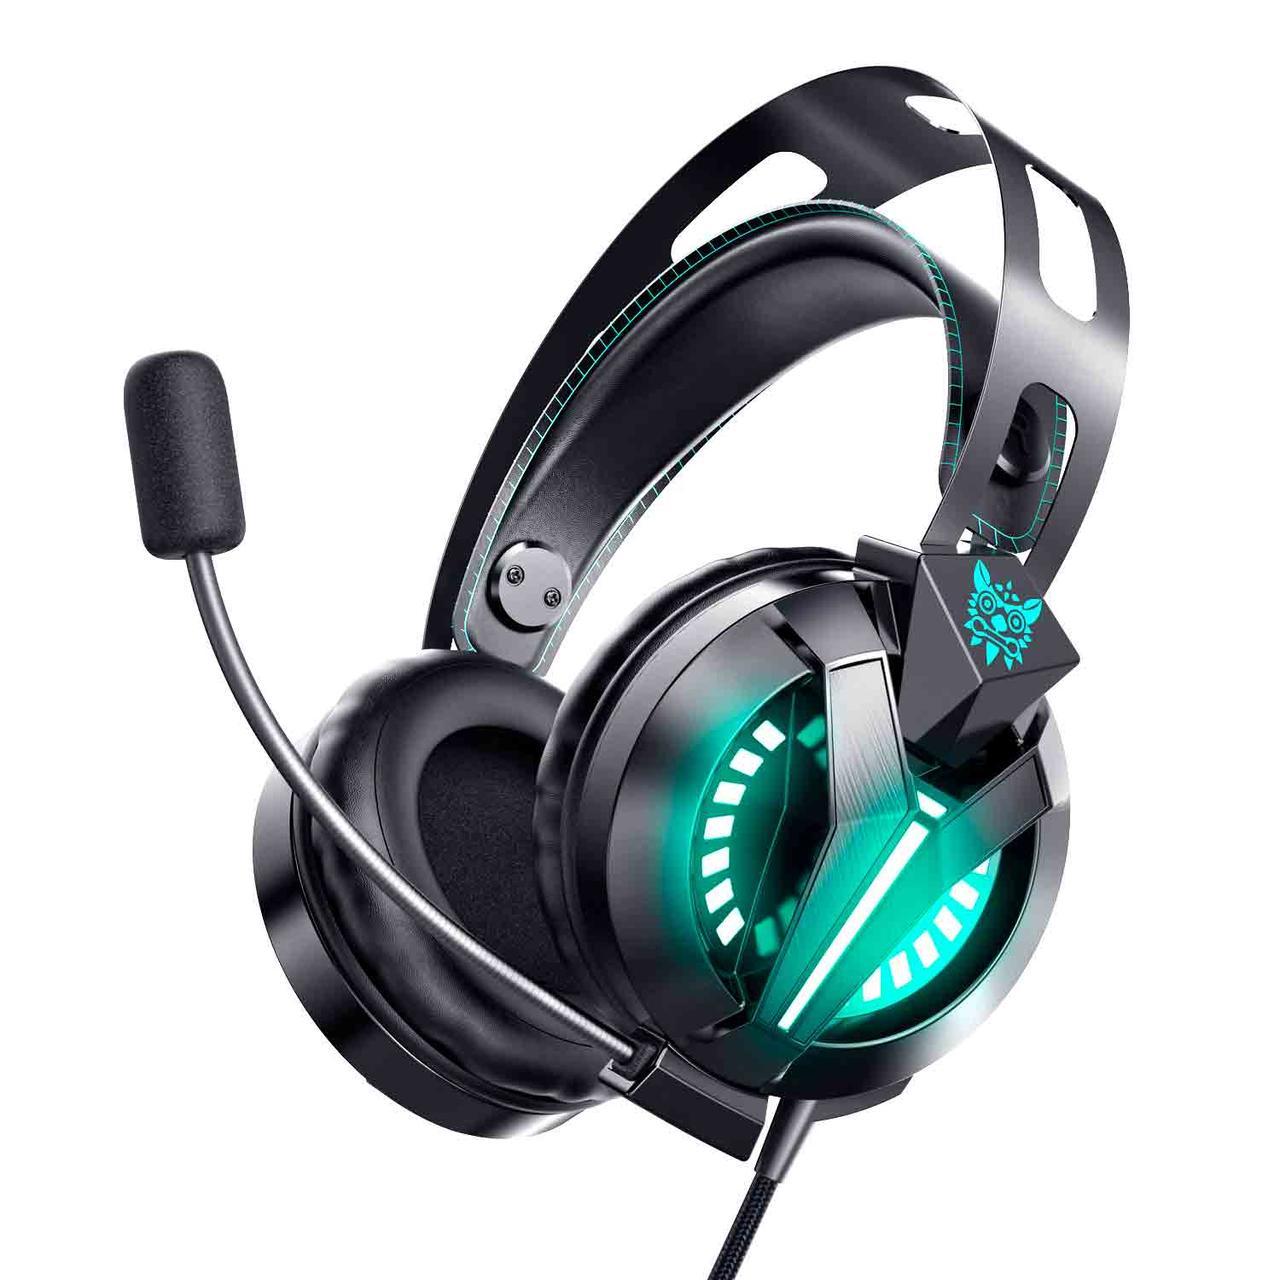 Ігрові навушники COMBATWING M180 чорні з мікрофоном і LED підсвічуванням, геймерські, ігрові навушники